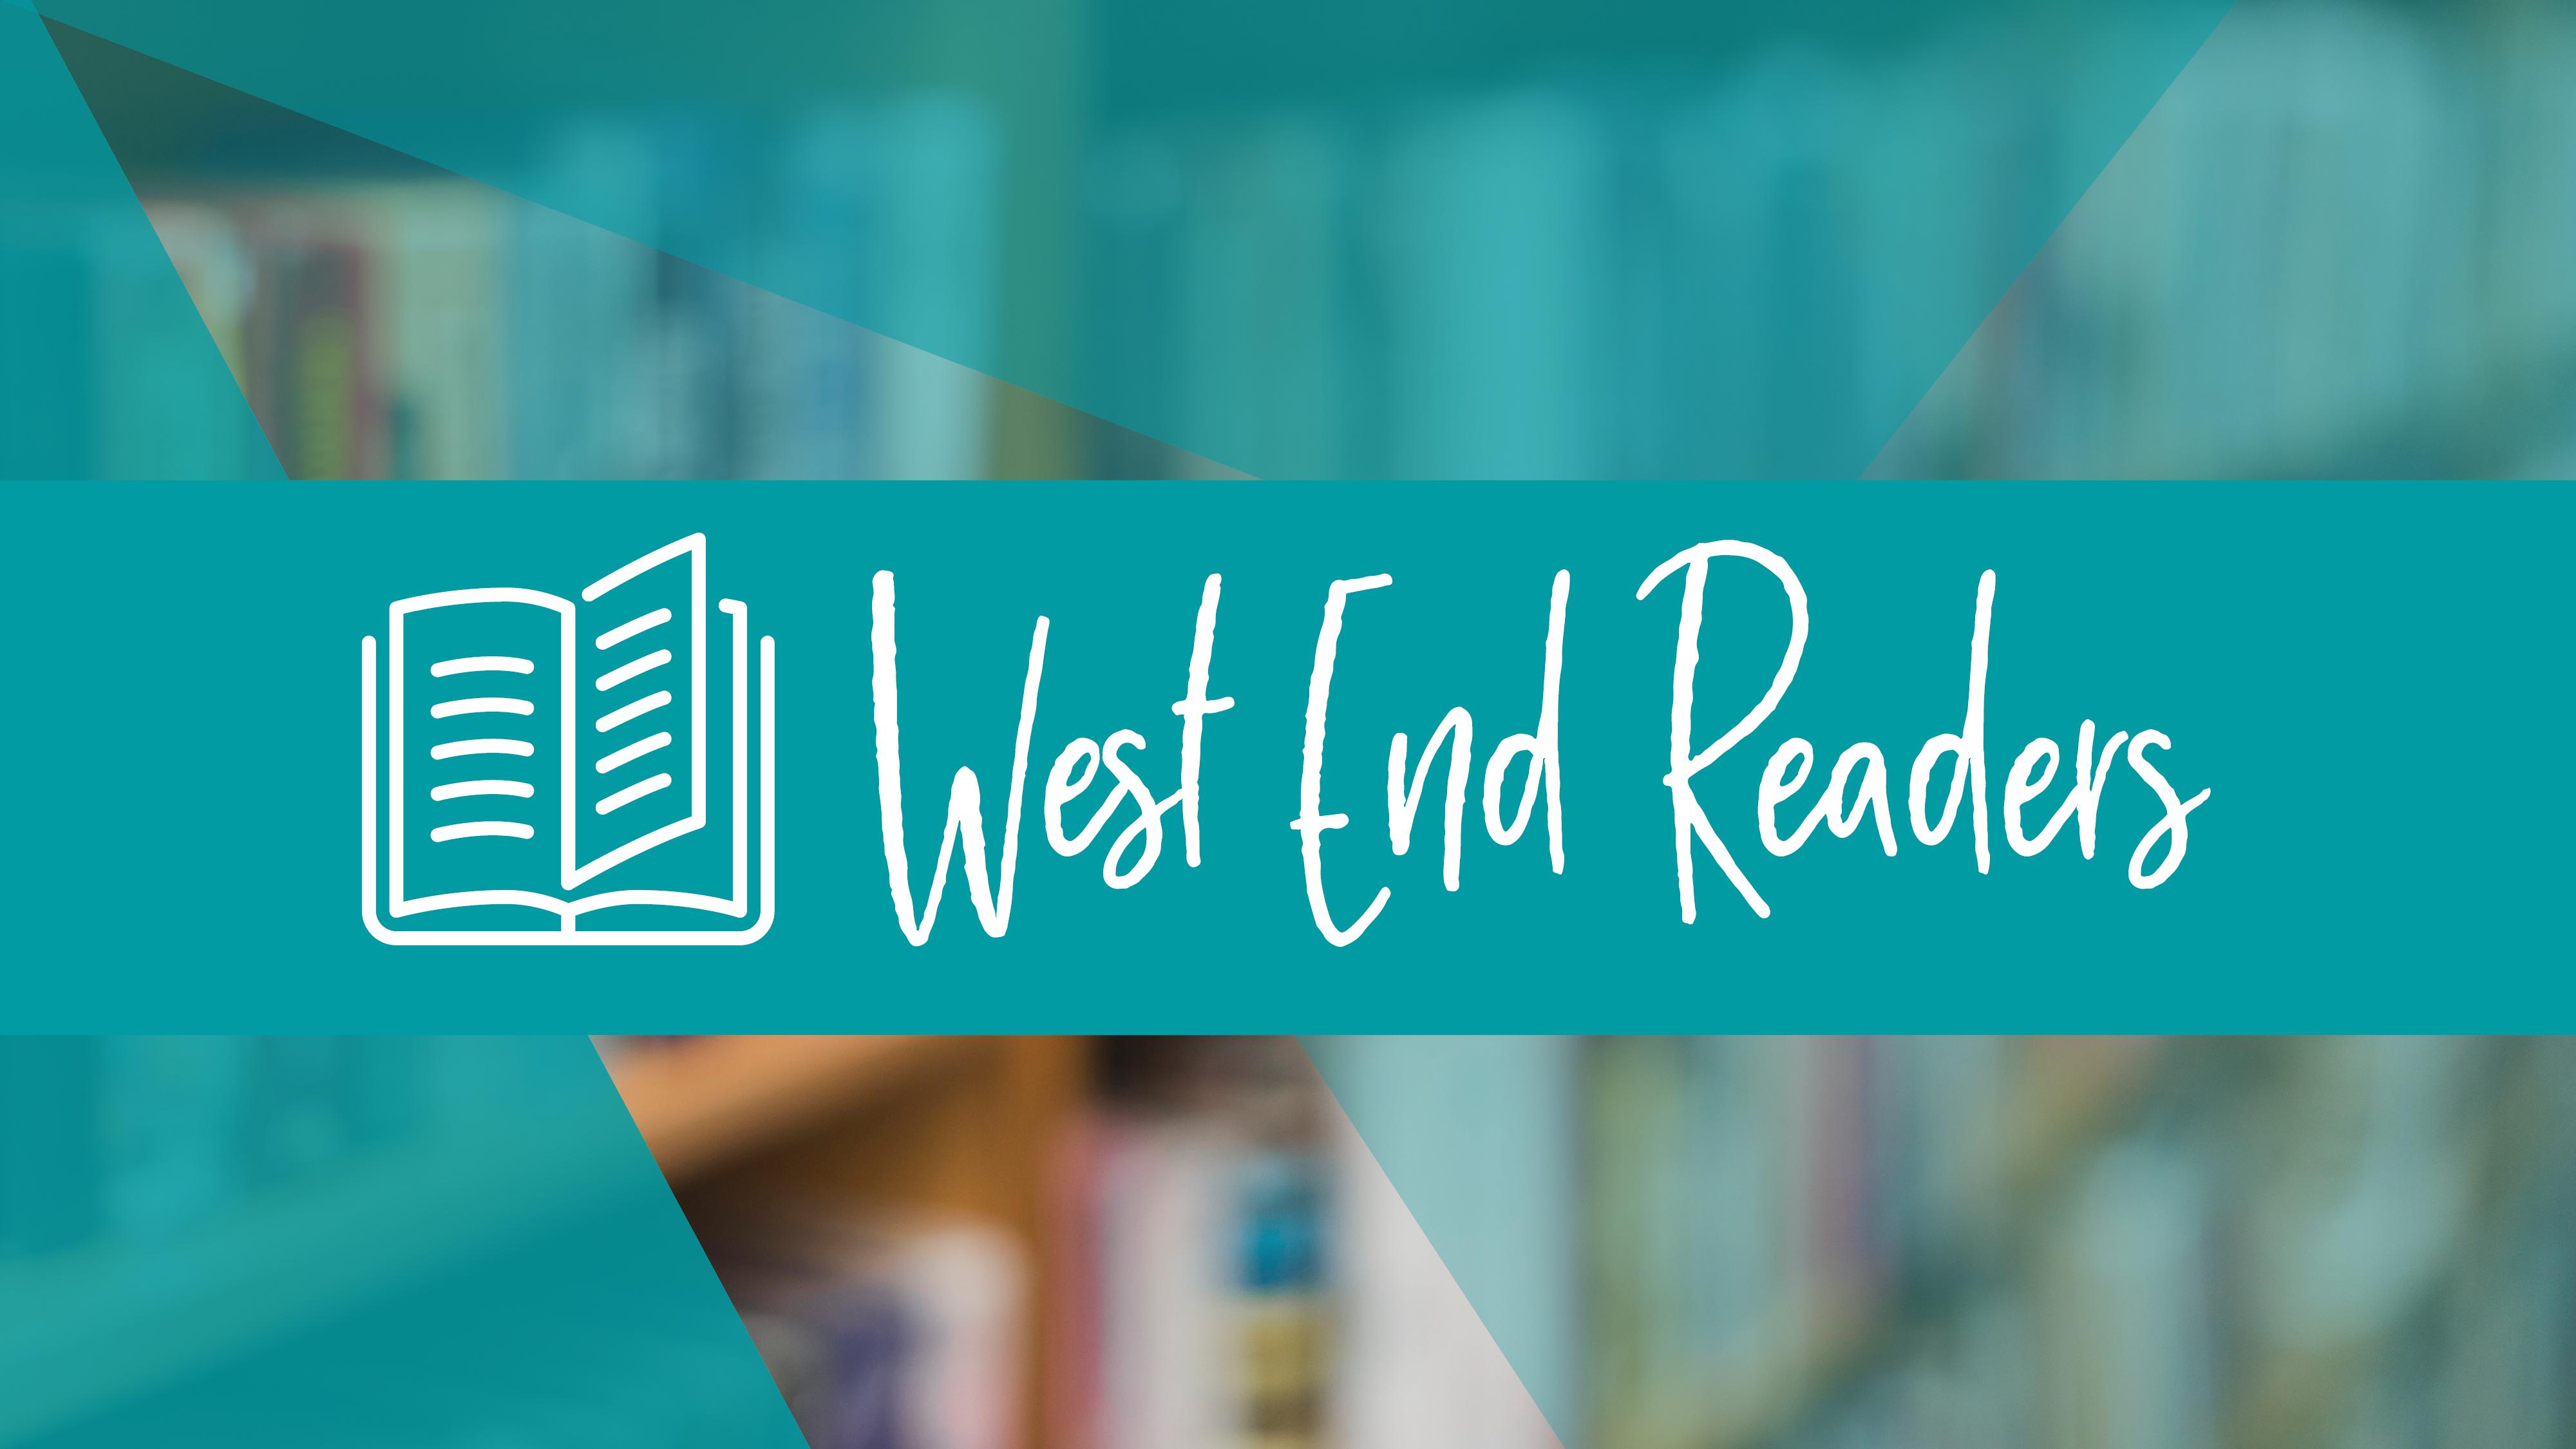 West end readers